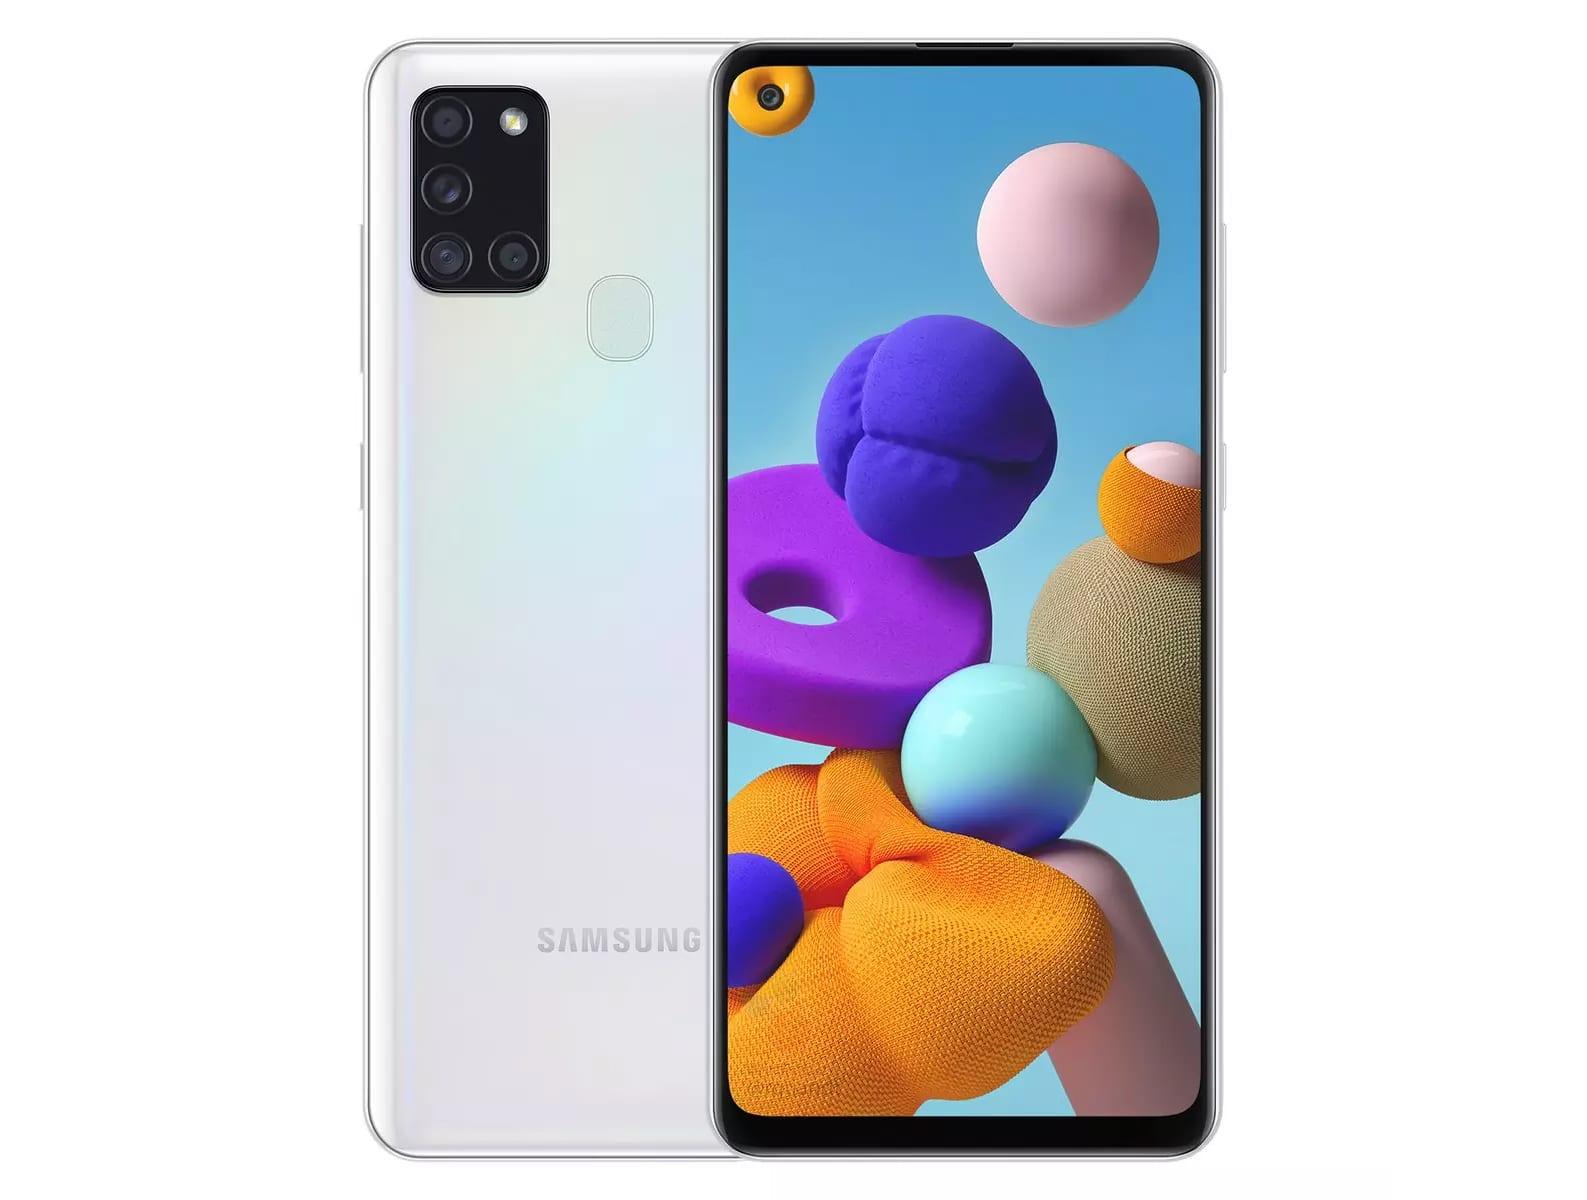 مواصفات Samsung Galaxy A21s والسعر والتسريب